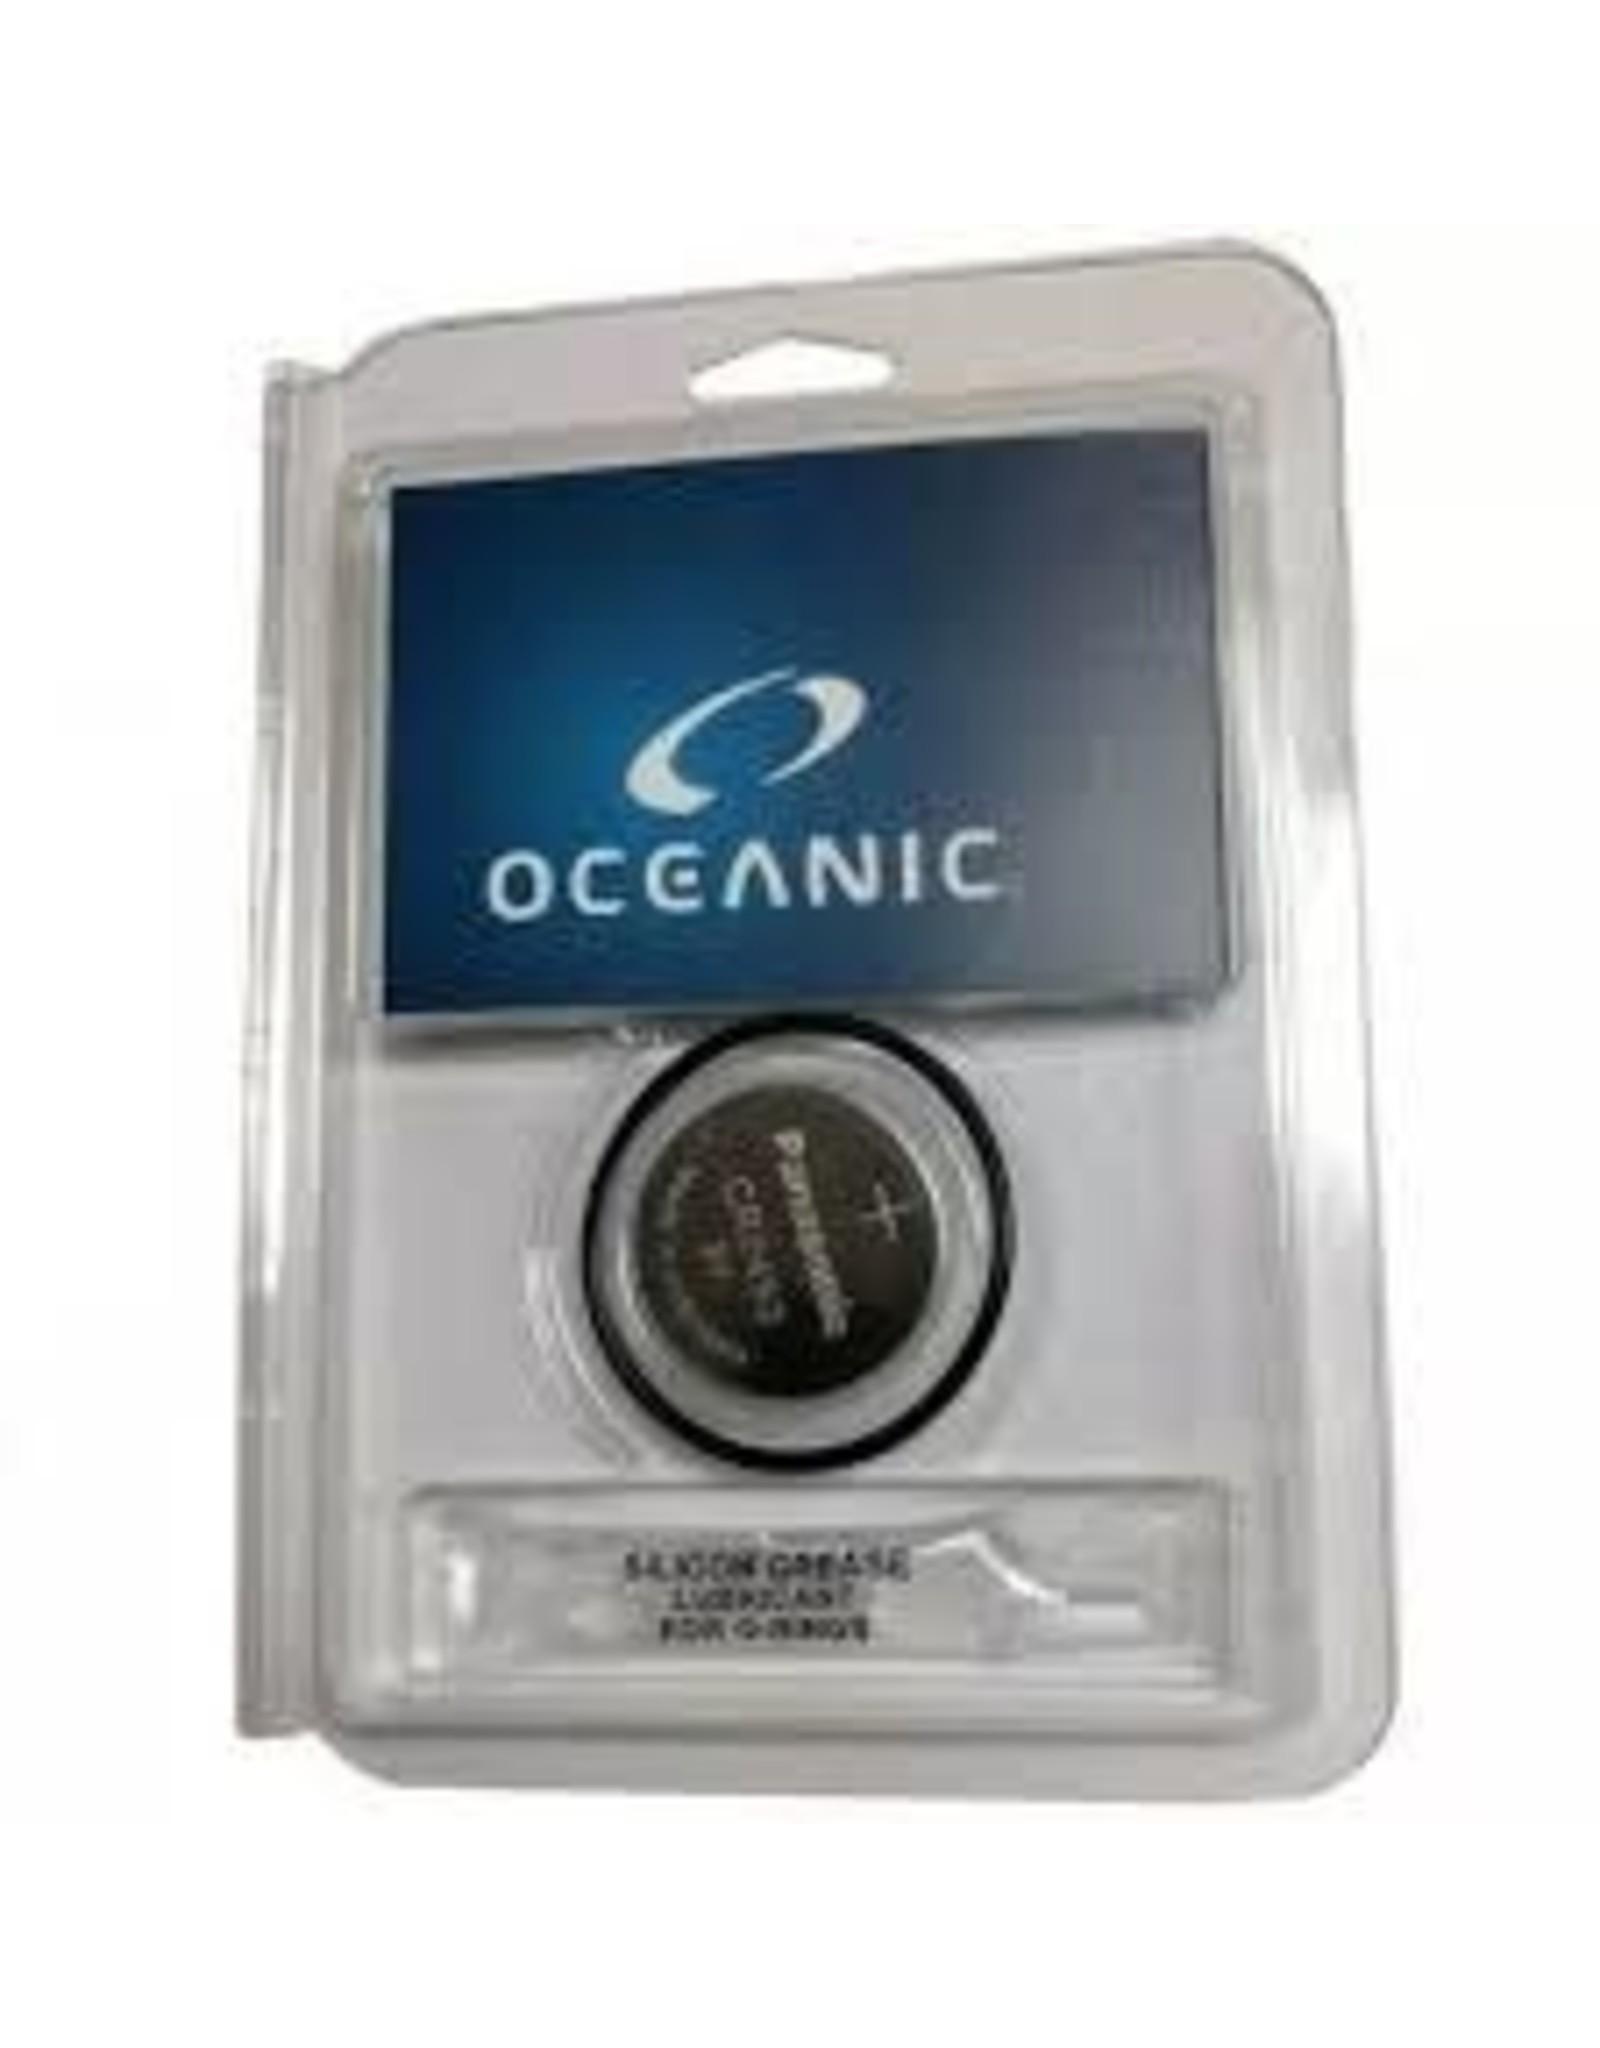 Oceanic Oceanic Battery Kit - Atom/Geo/Buddy